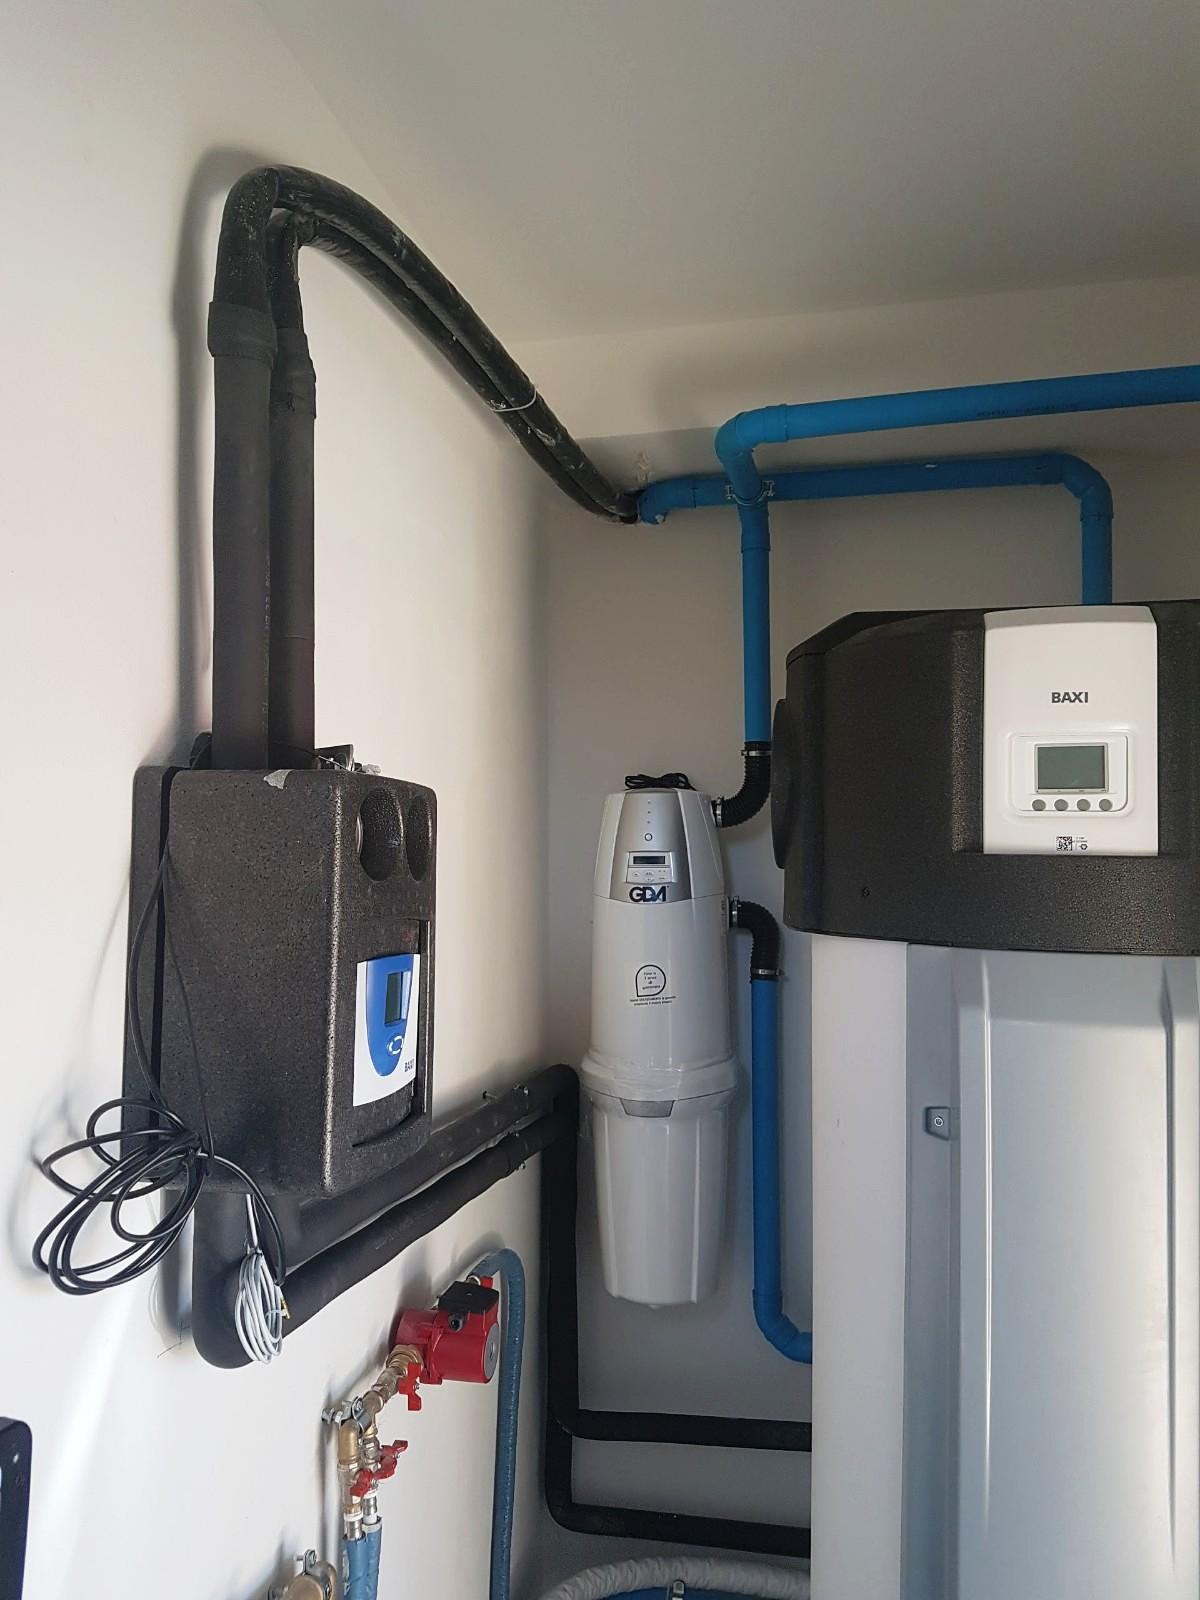 Pompa Di Calore Per Bagno impianto idronico a pompa di calore - latina - simoneschi srl